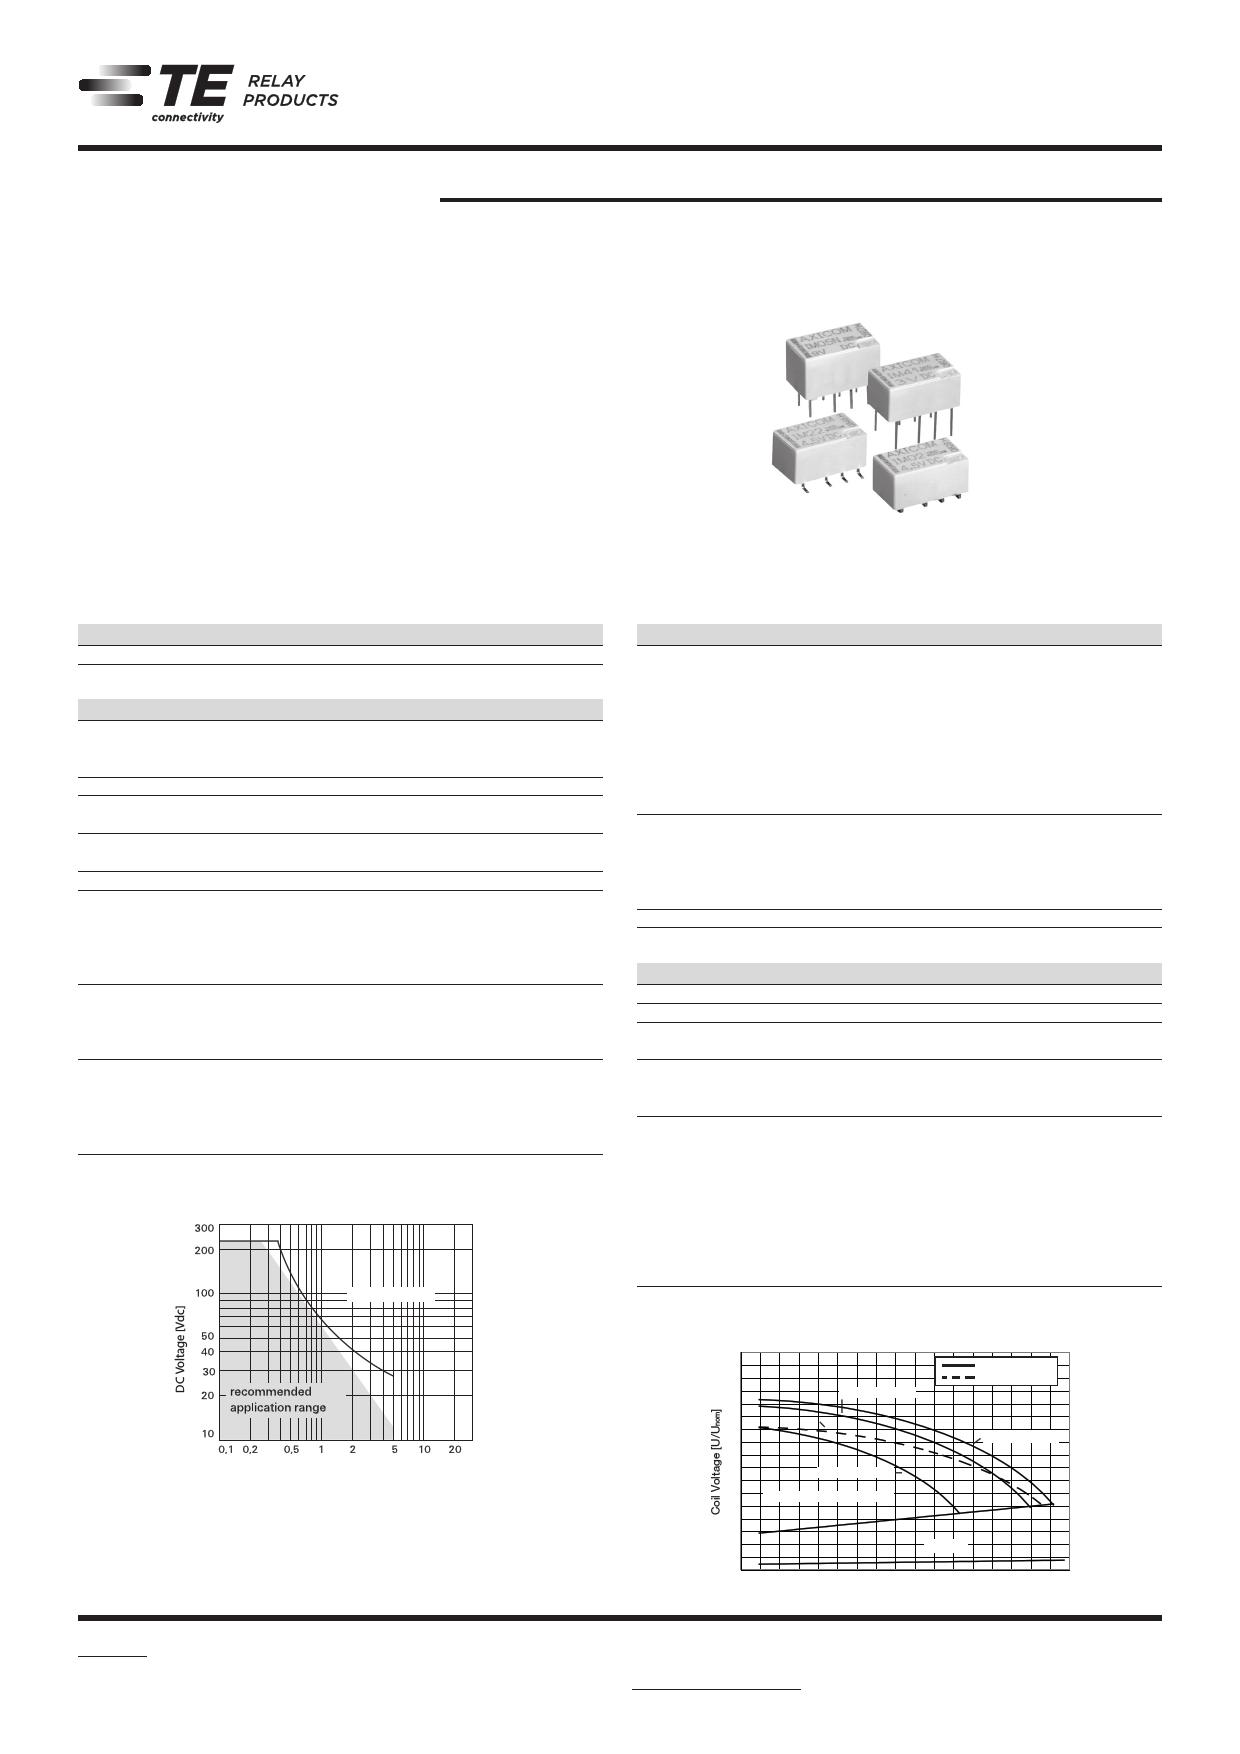 1-1462038-9 даташит PDF